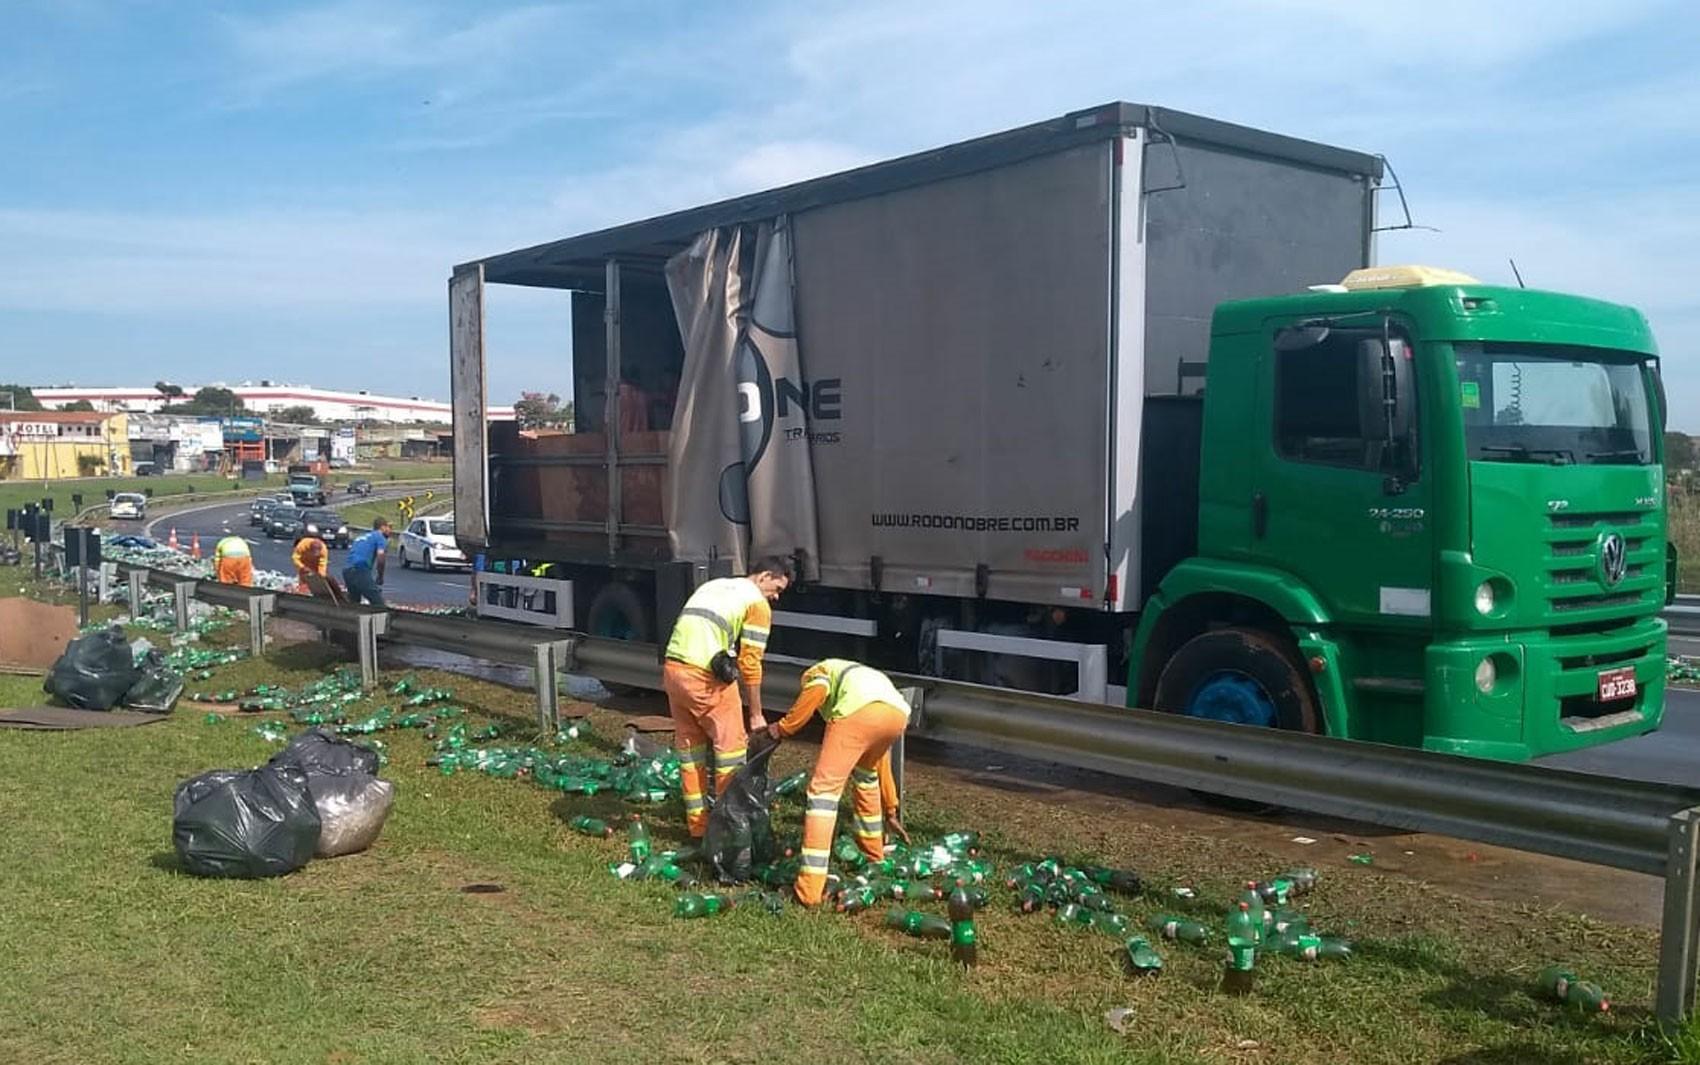 Caminhão derruba carga de refrigerantes na Rodovia Campinas-Monte Mor, em Hortolândia - Radio Evangelho Gospel